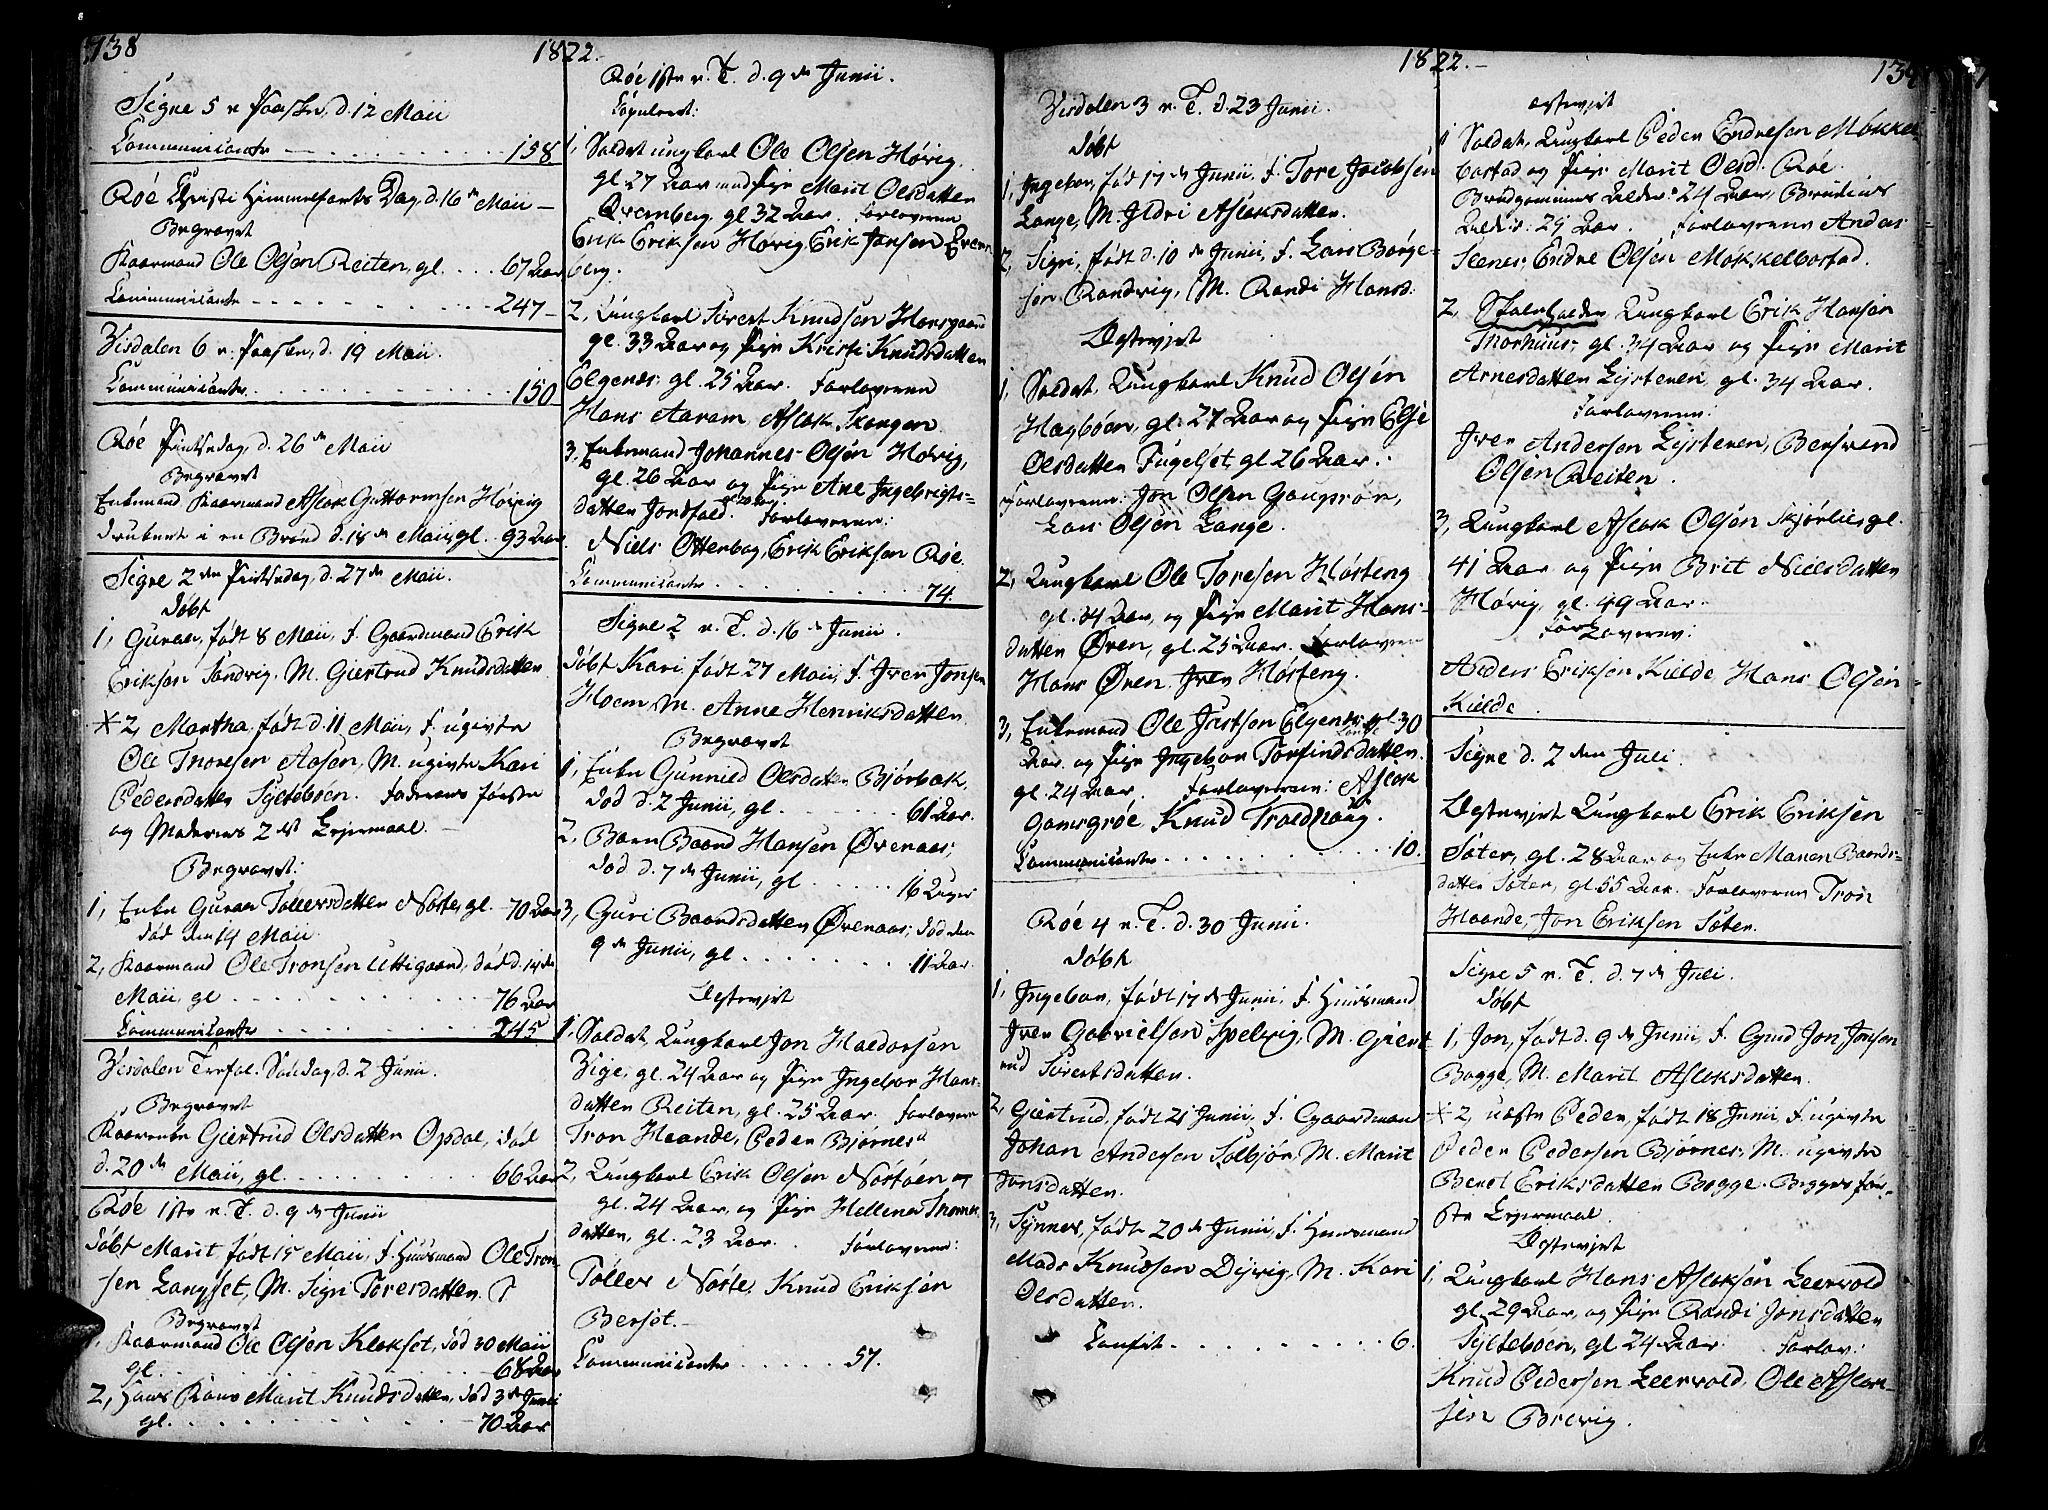 SAT, Ministerialprotokoller, klokkerbøker og fødselsregistre - Møre og Romsdal, 551/L0622: Ministerialbok nr. 551A02, 1804-1845, s. 138-139